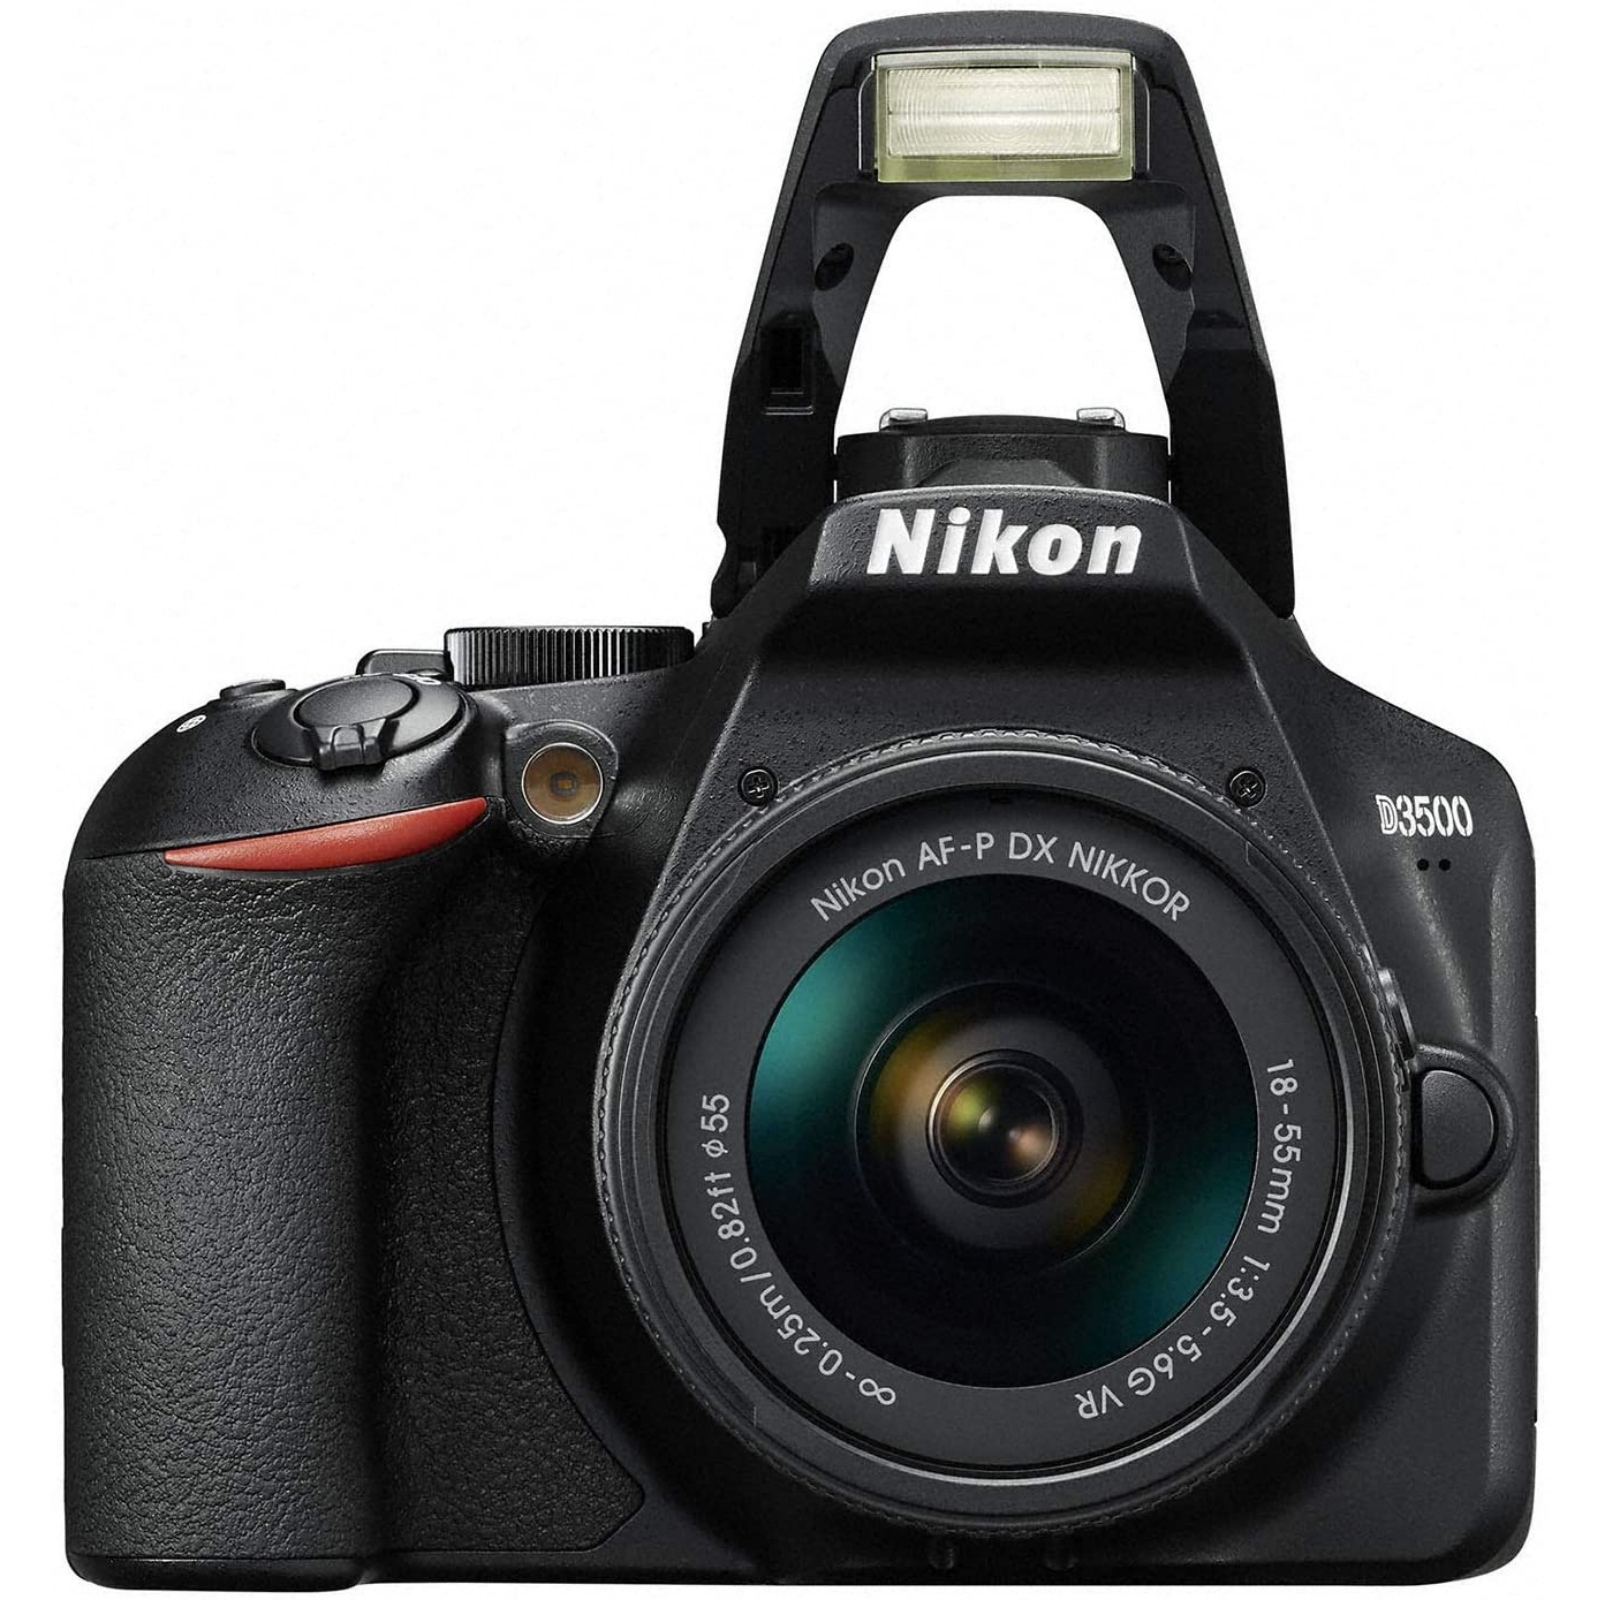 Nikon ニコン デジタル一眼レフカメラ D3500 AF-P 18-55 VR レンズキット ブラック 新品